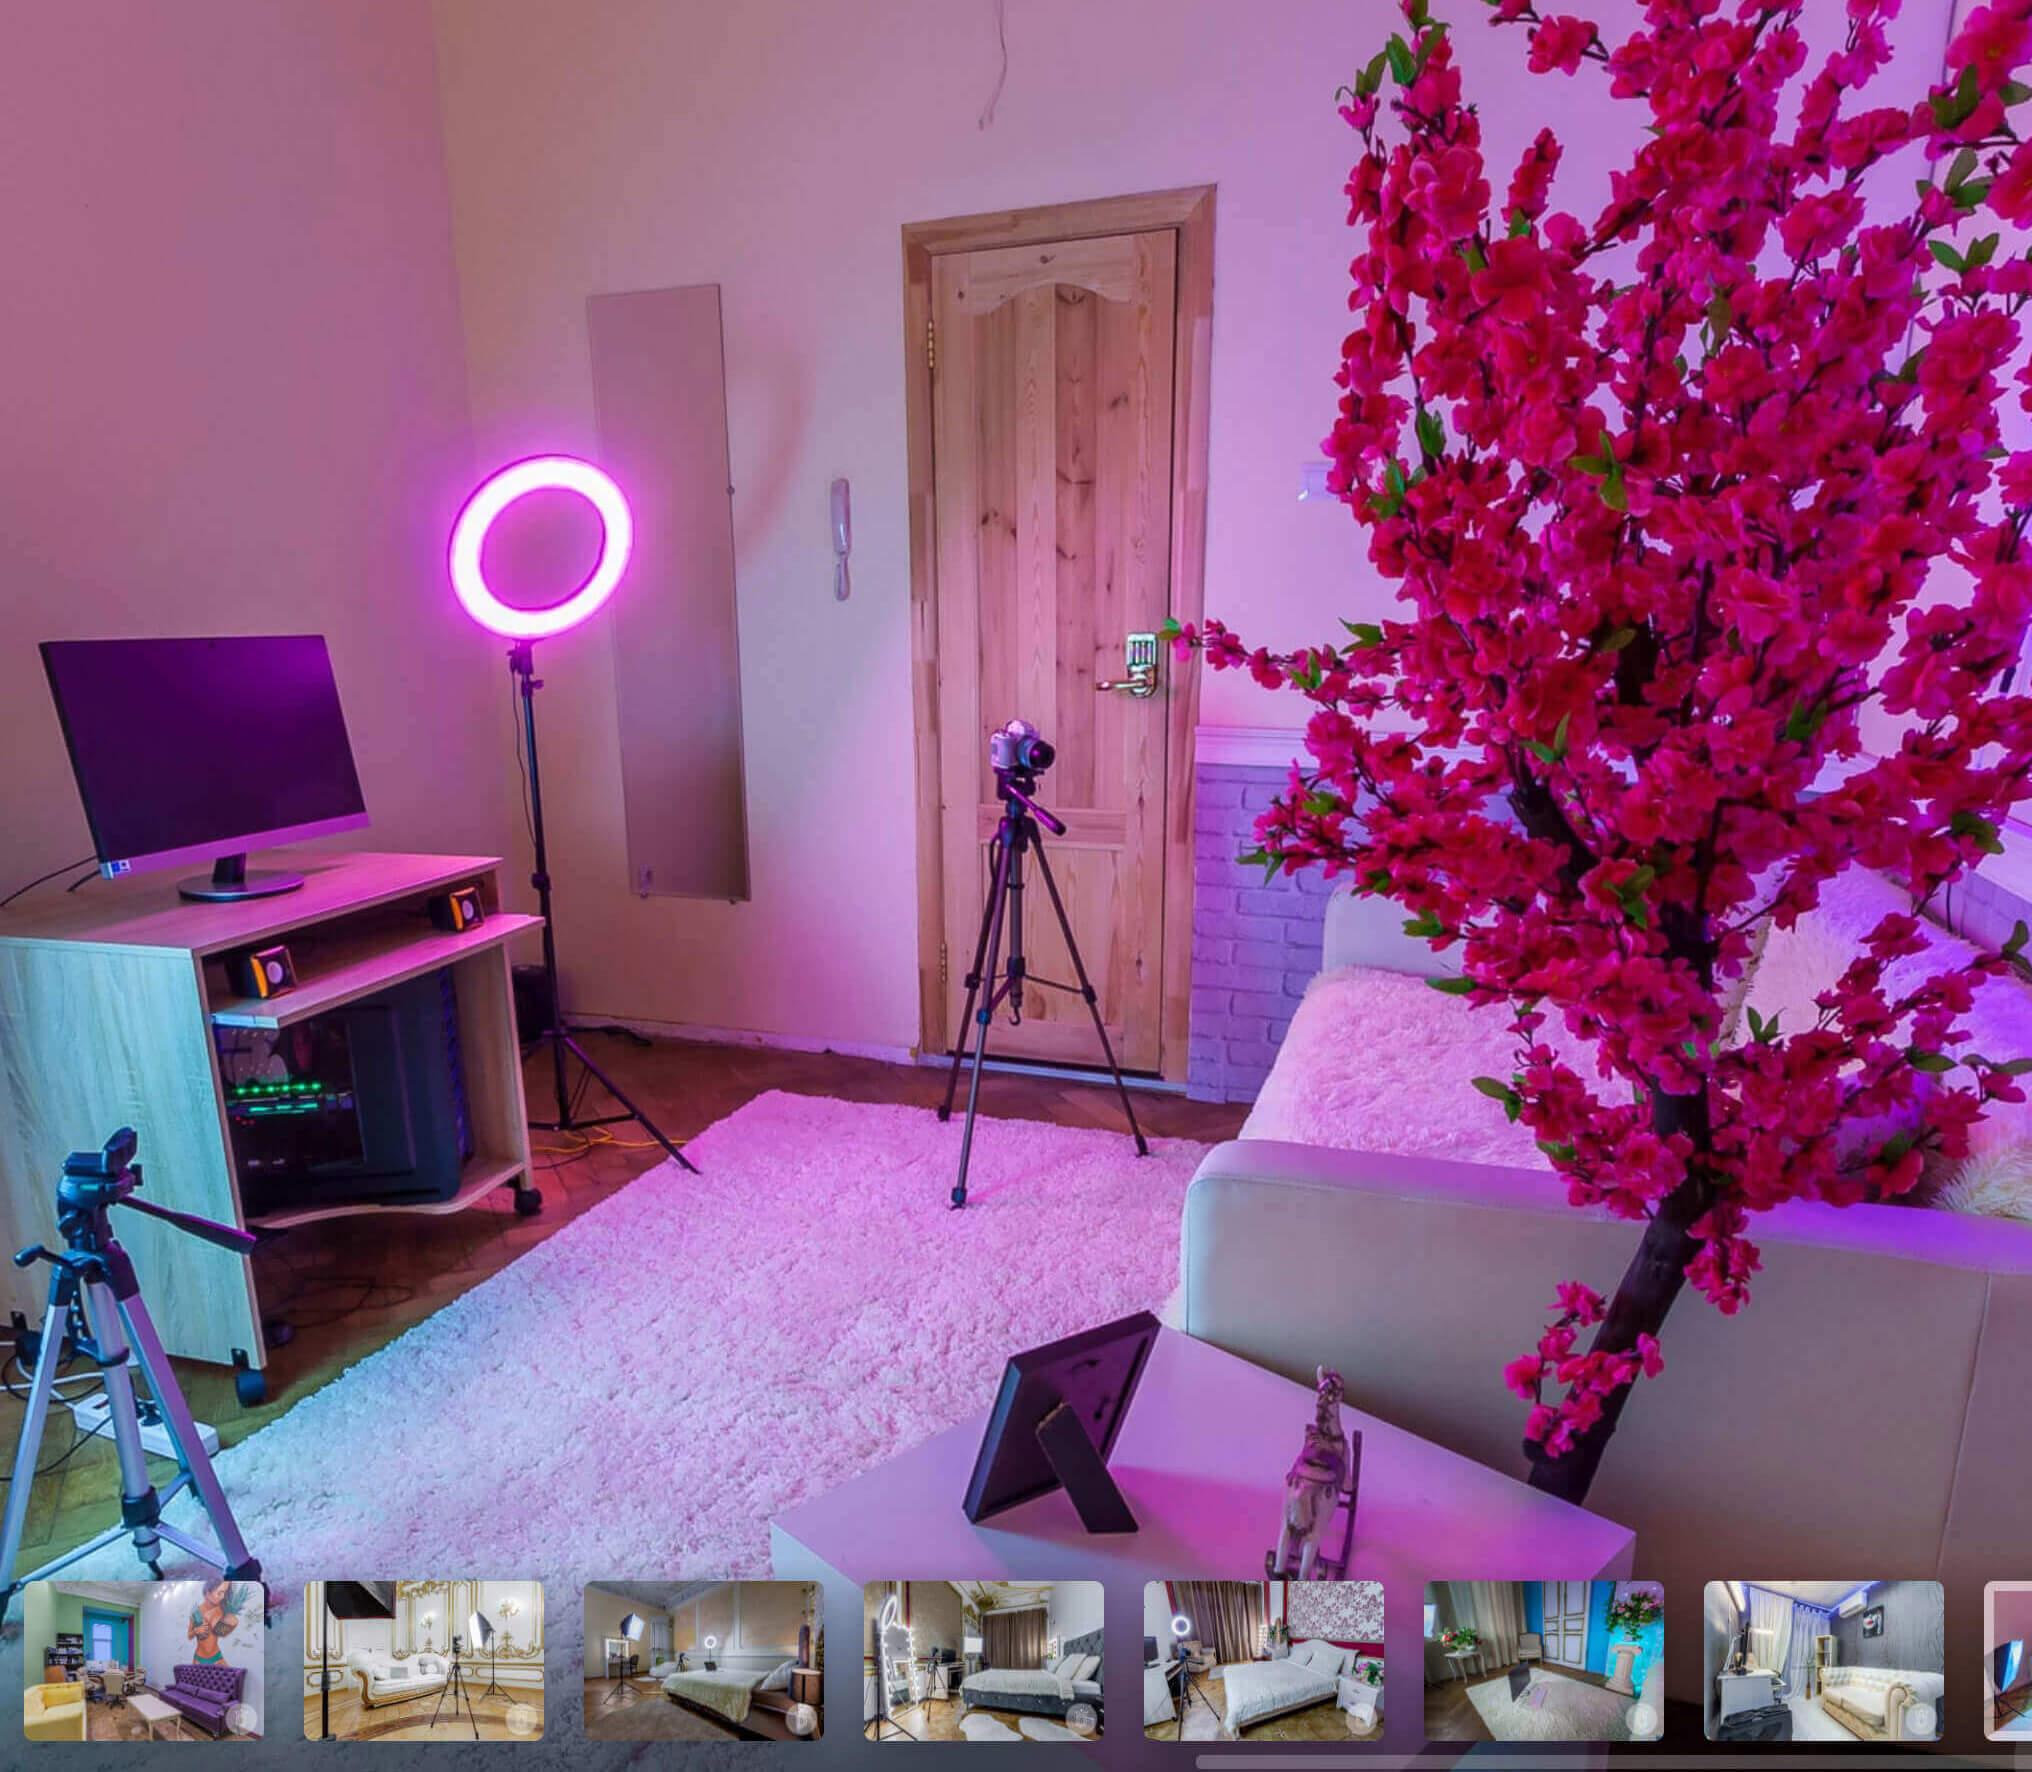 Чтобы привлечь моделей, многие студии публикуют на сайтах фото интерьеров и даже 3D-туры